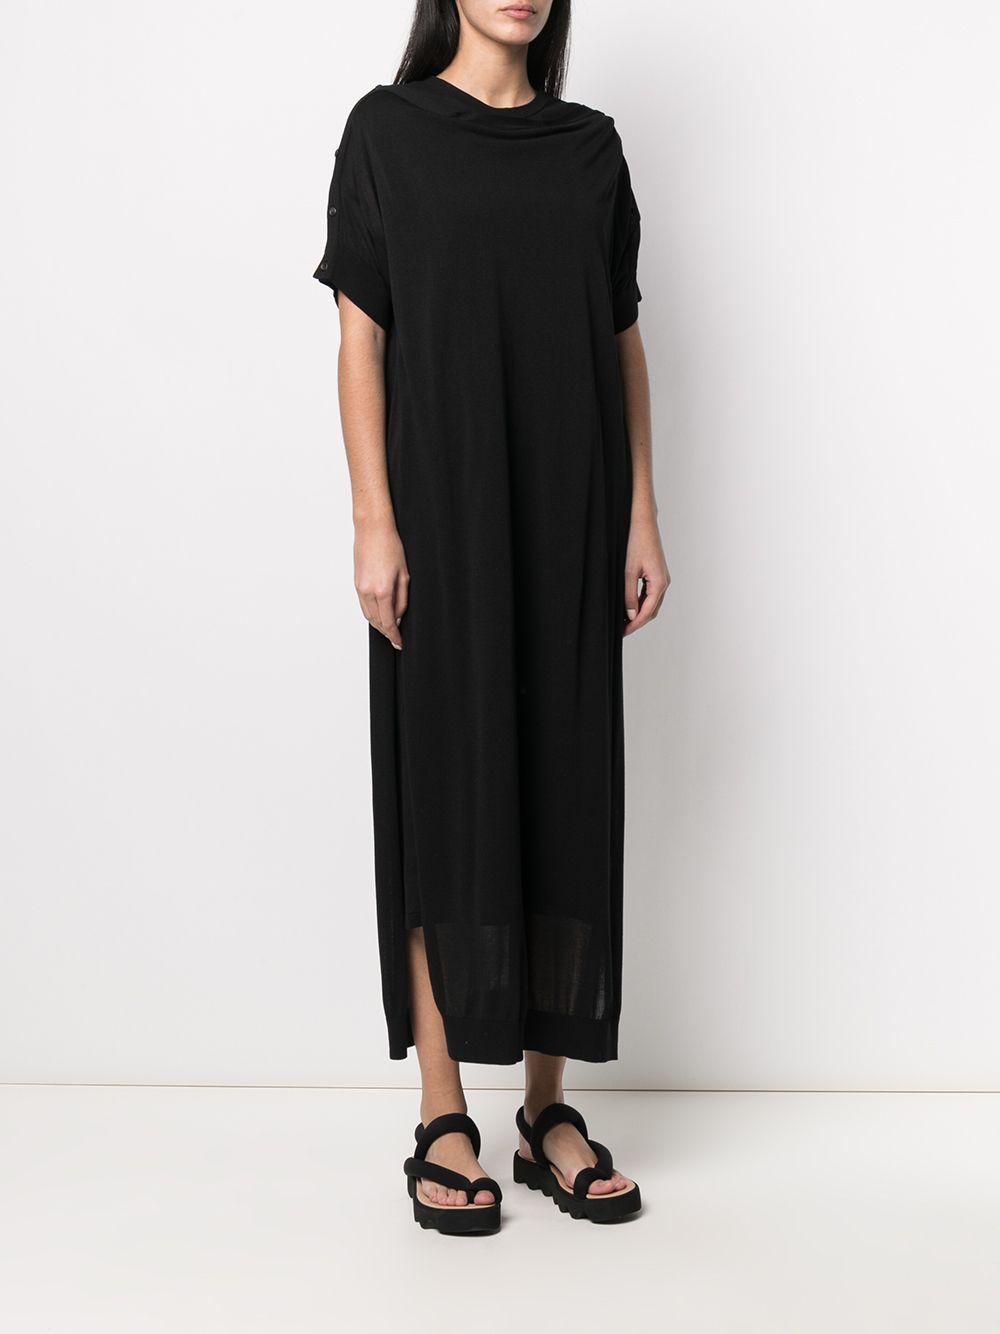 Y's   Dress   YT-K82-2473